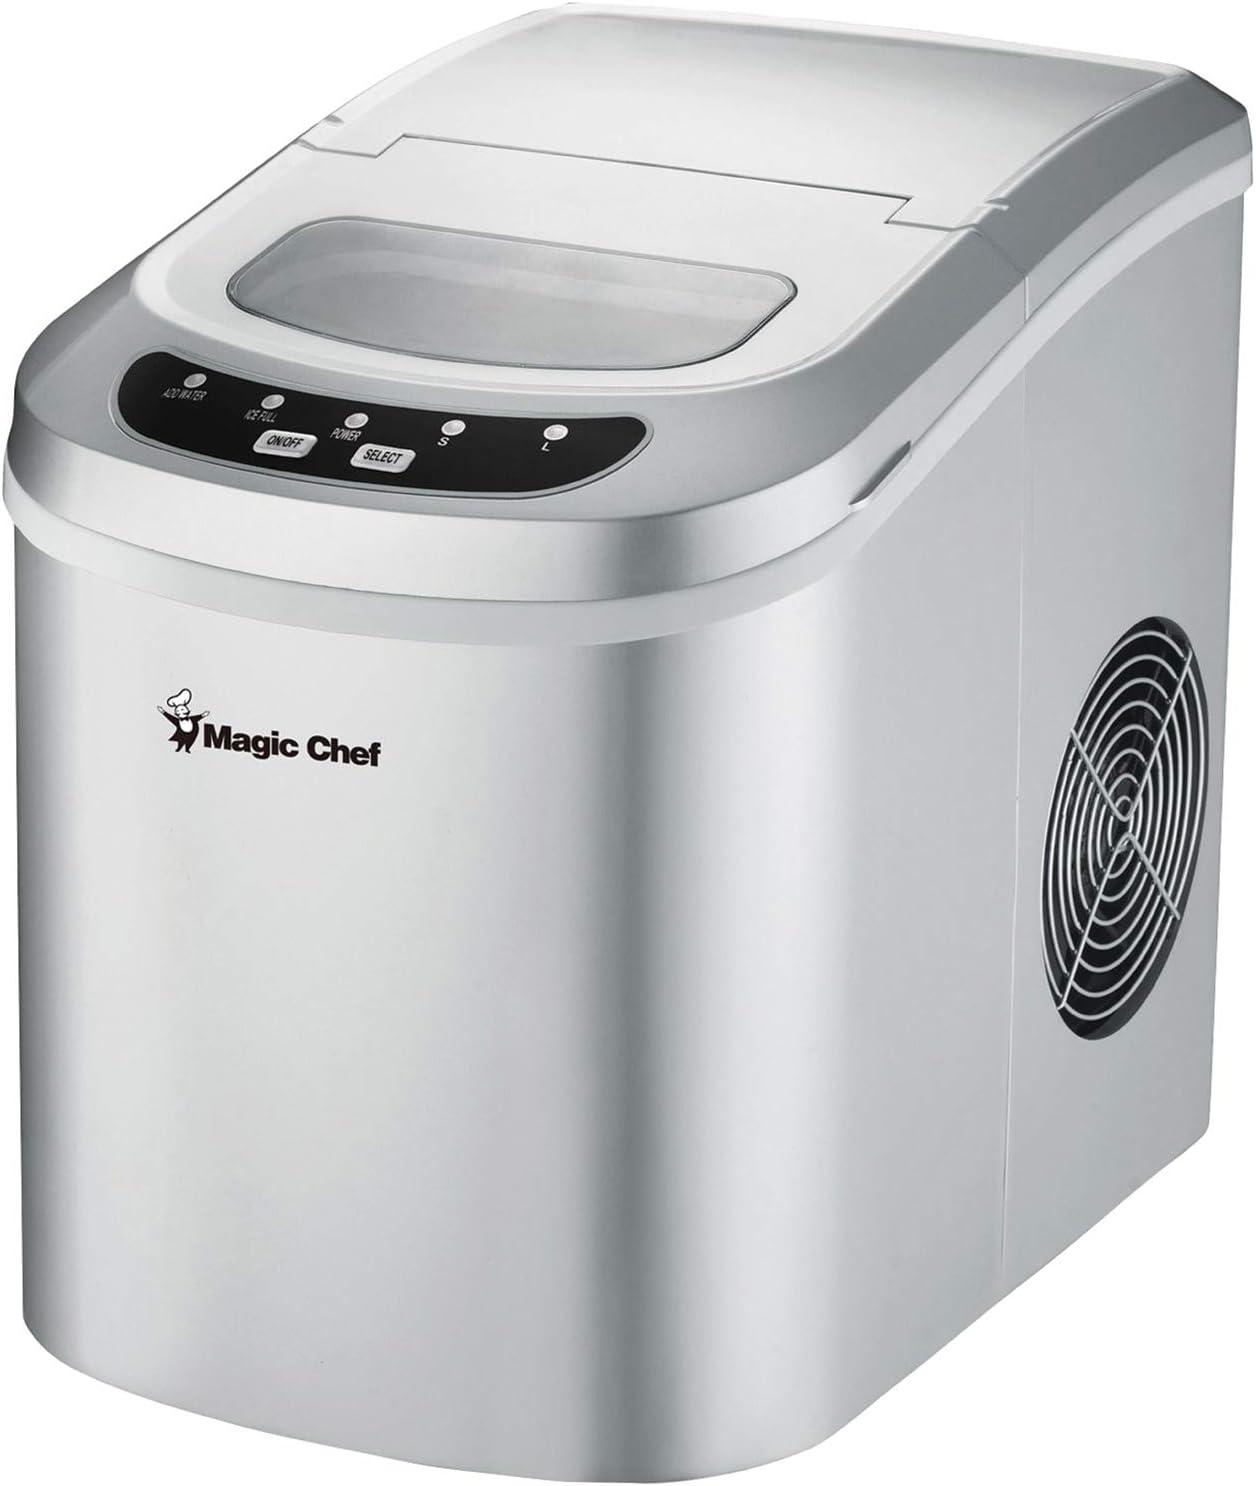 Magic Chef MCIM22SV Portable Mini Ice Maker 27lb-Capacity Silver Home & Garden